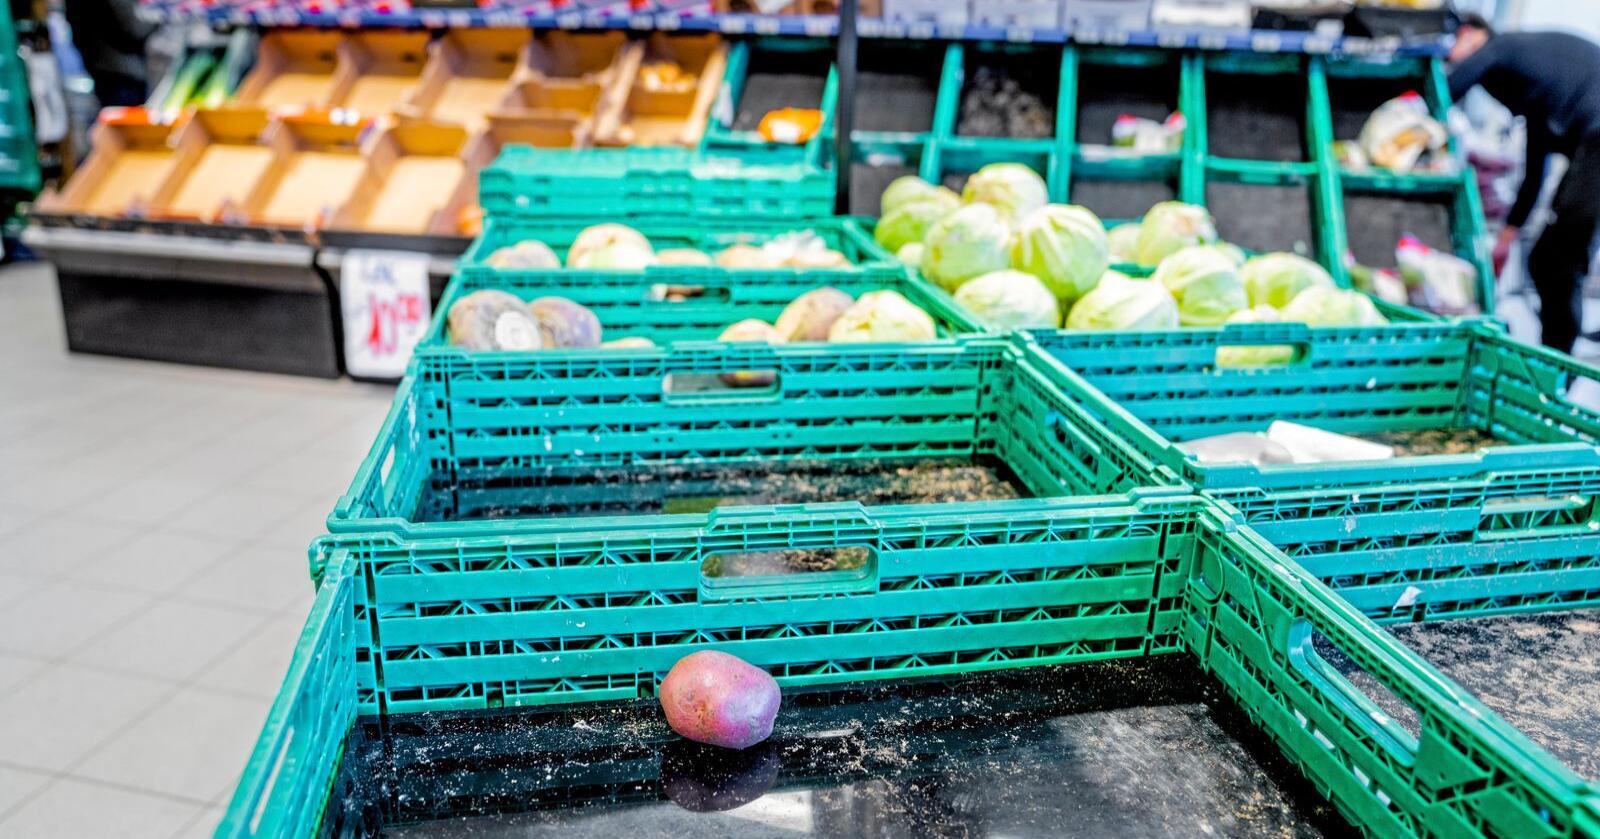 Matforsker mener matsikkerheten vil bli satt på dagsorden i forbindelse med koronakrisen. Foto: Stian Lysberg Solum / NTB scanpix